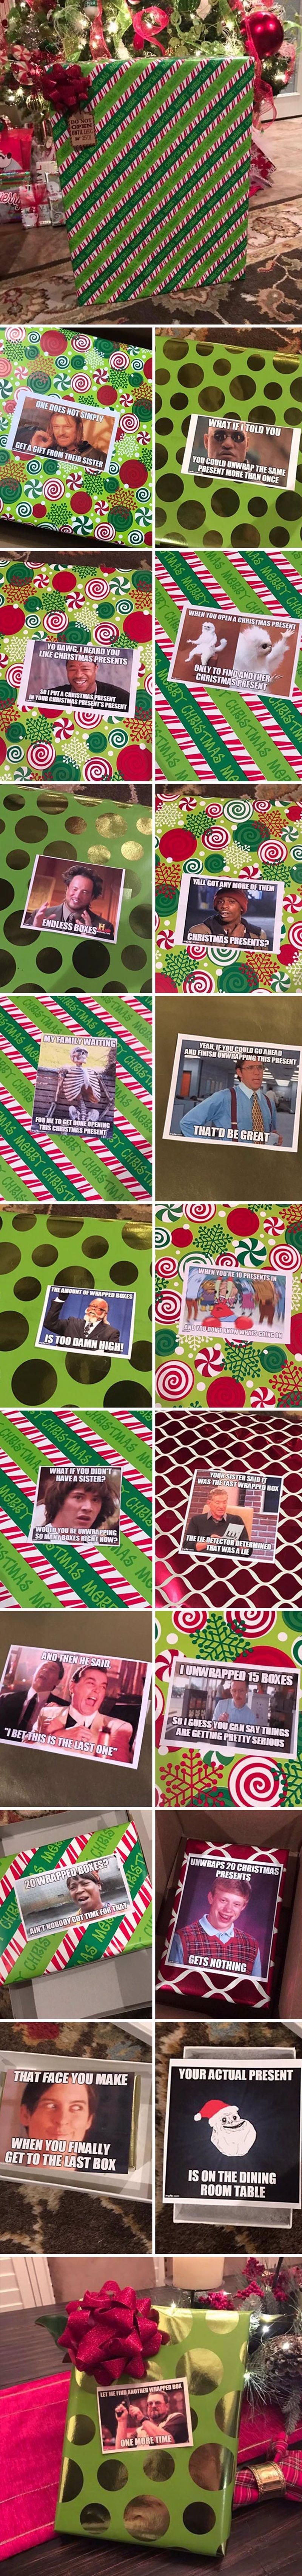 12 ideas para trollear con los regalos de navidad y - Regalos faciles y rapidos ...